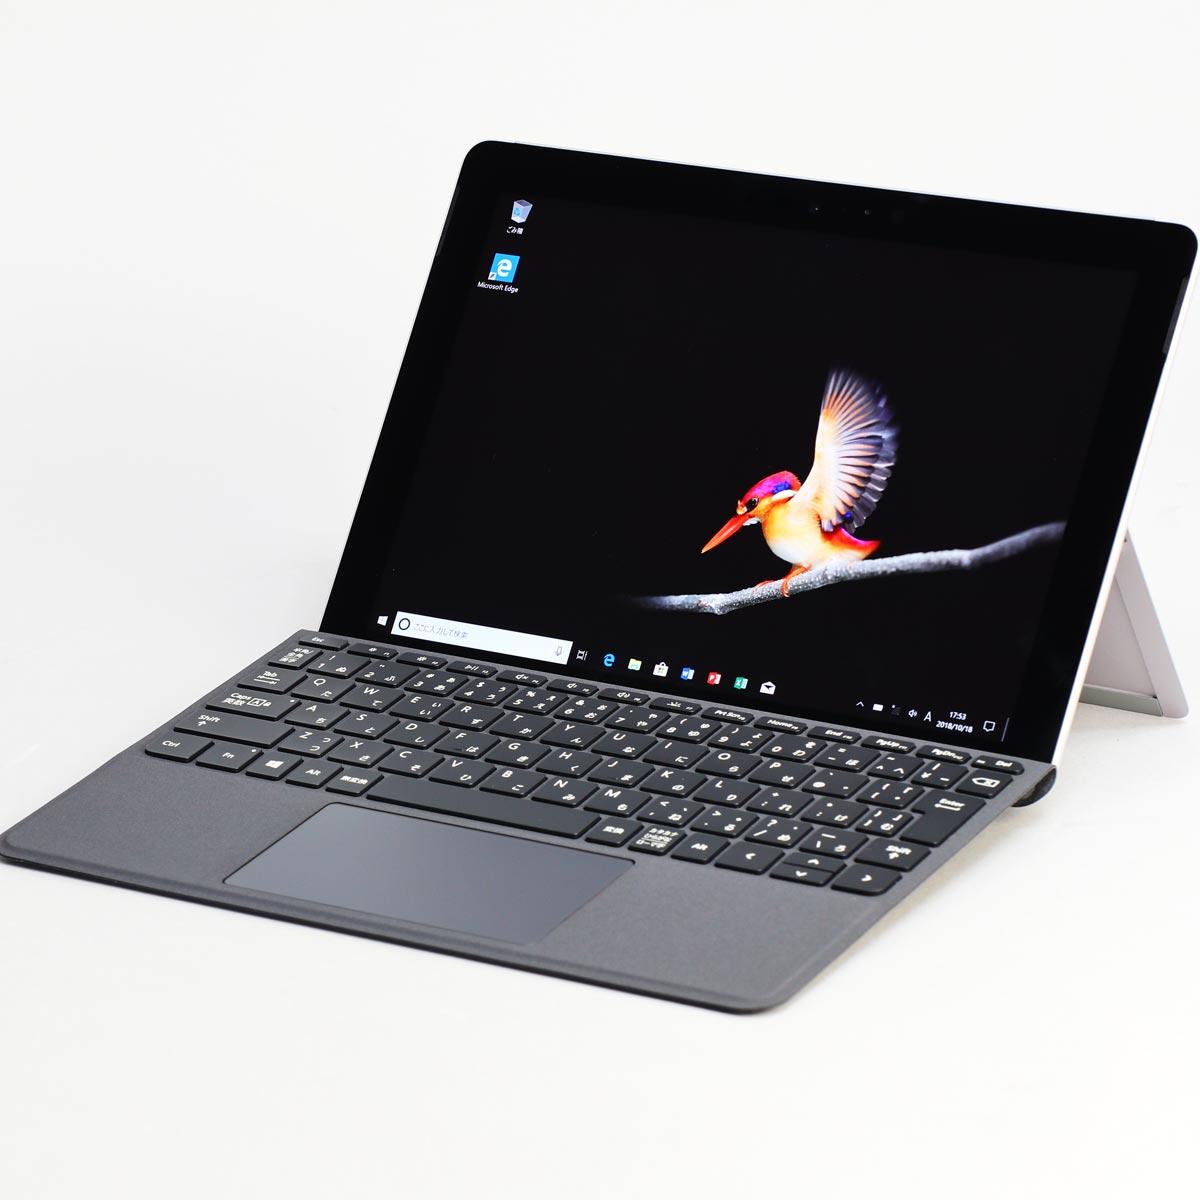 「Surface Go」は持ち運び用のサブマシンとしては最高かもしれない!